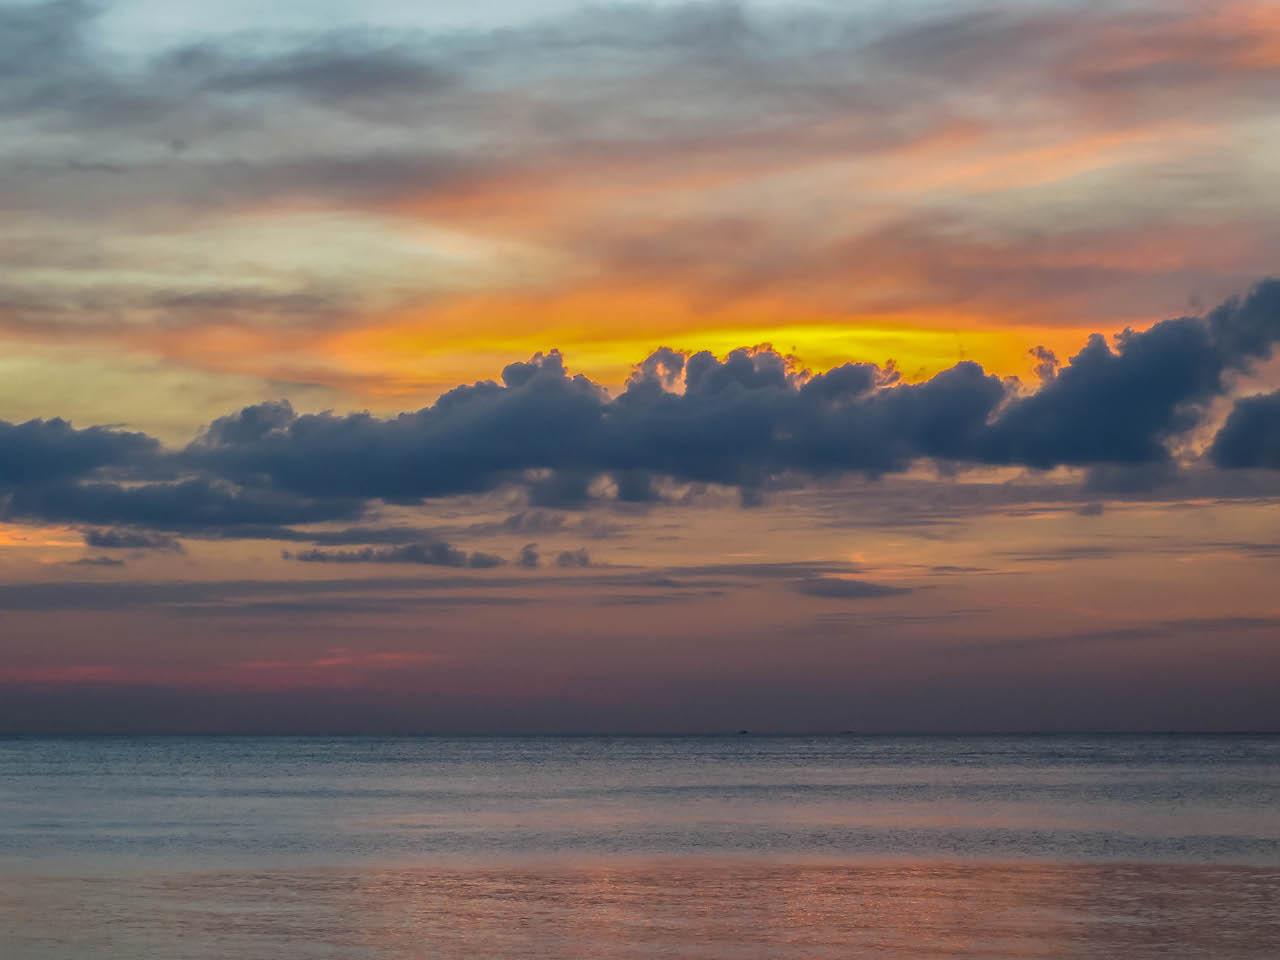 Koh Lantas Sonnenuntergänge sind legendär.